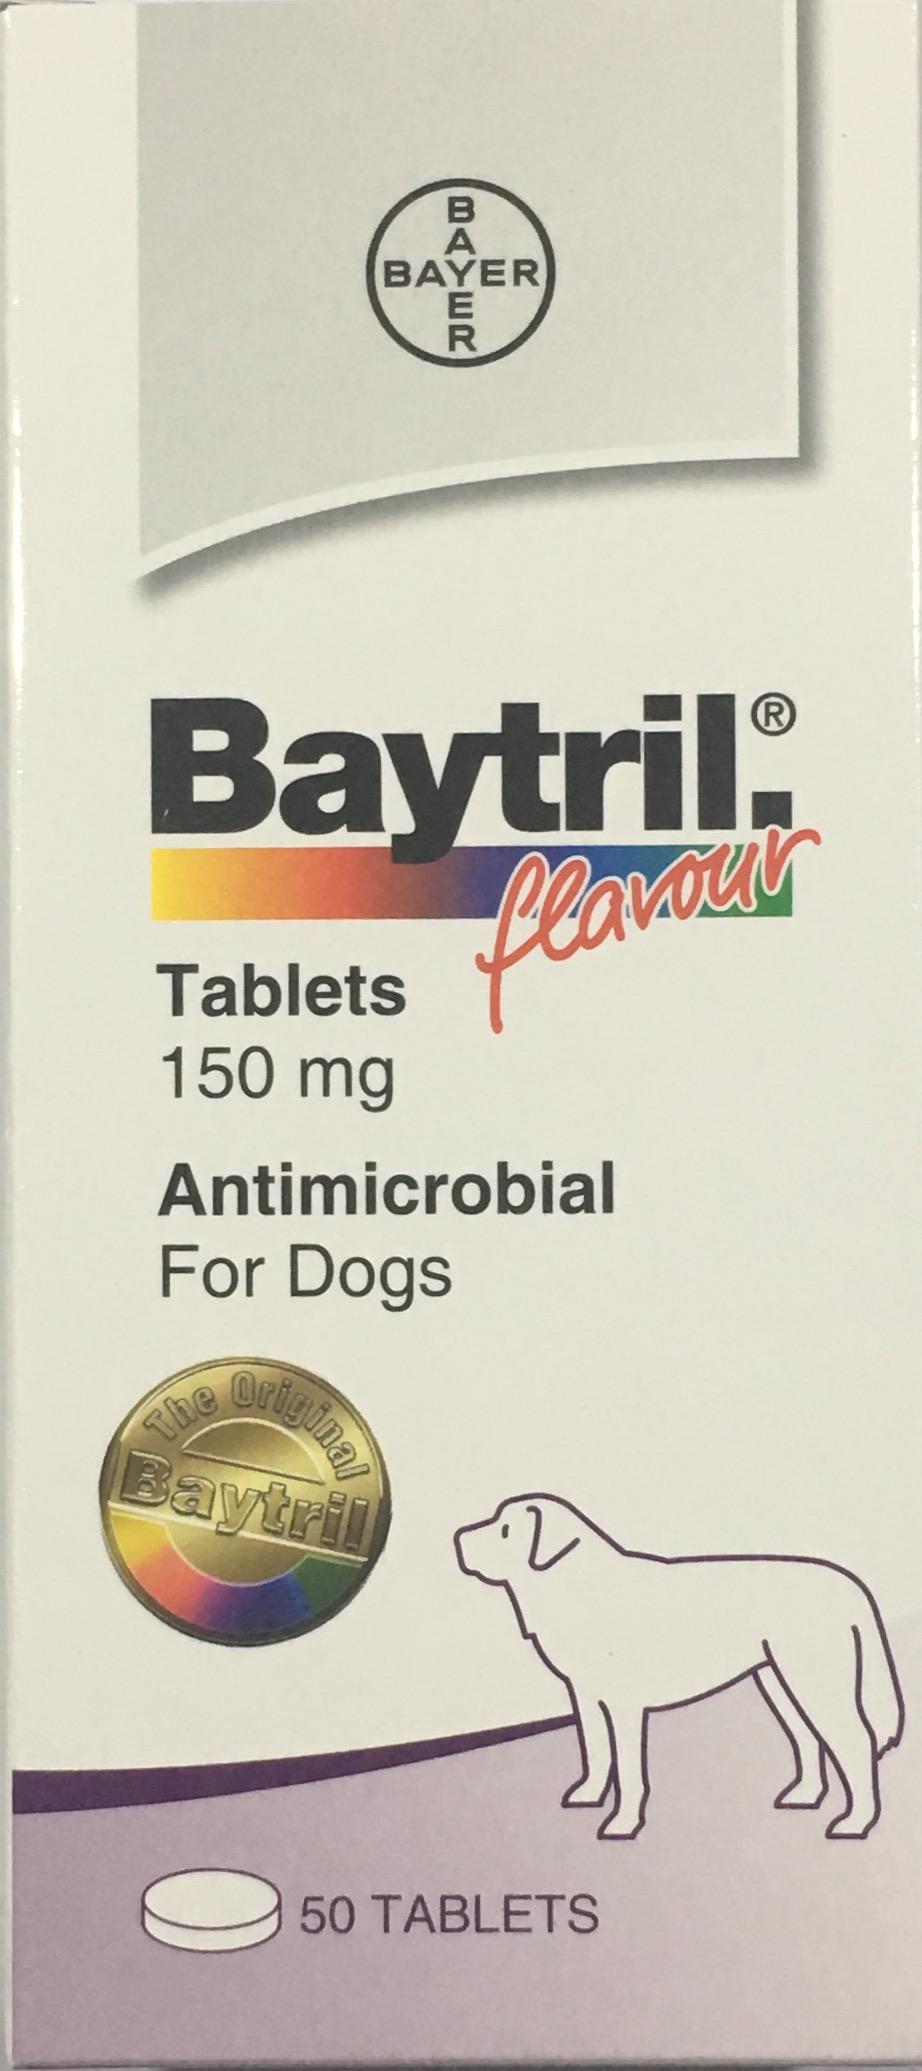 Baytril 150 mg. ไบทริลชนิดเม็ด สำหรับสุนัข  รสเนื้อ (ยกกล่อง 50 เม็ด) EXP: 11/2022